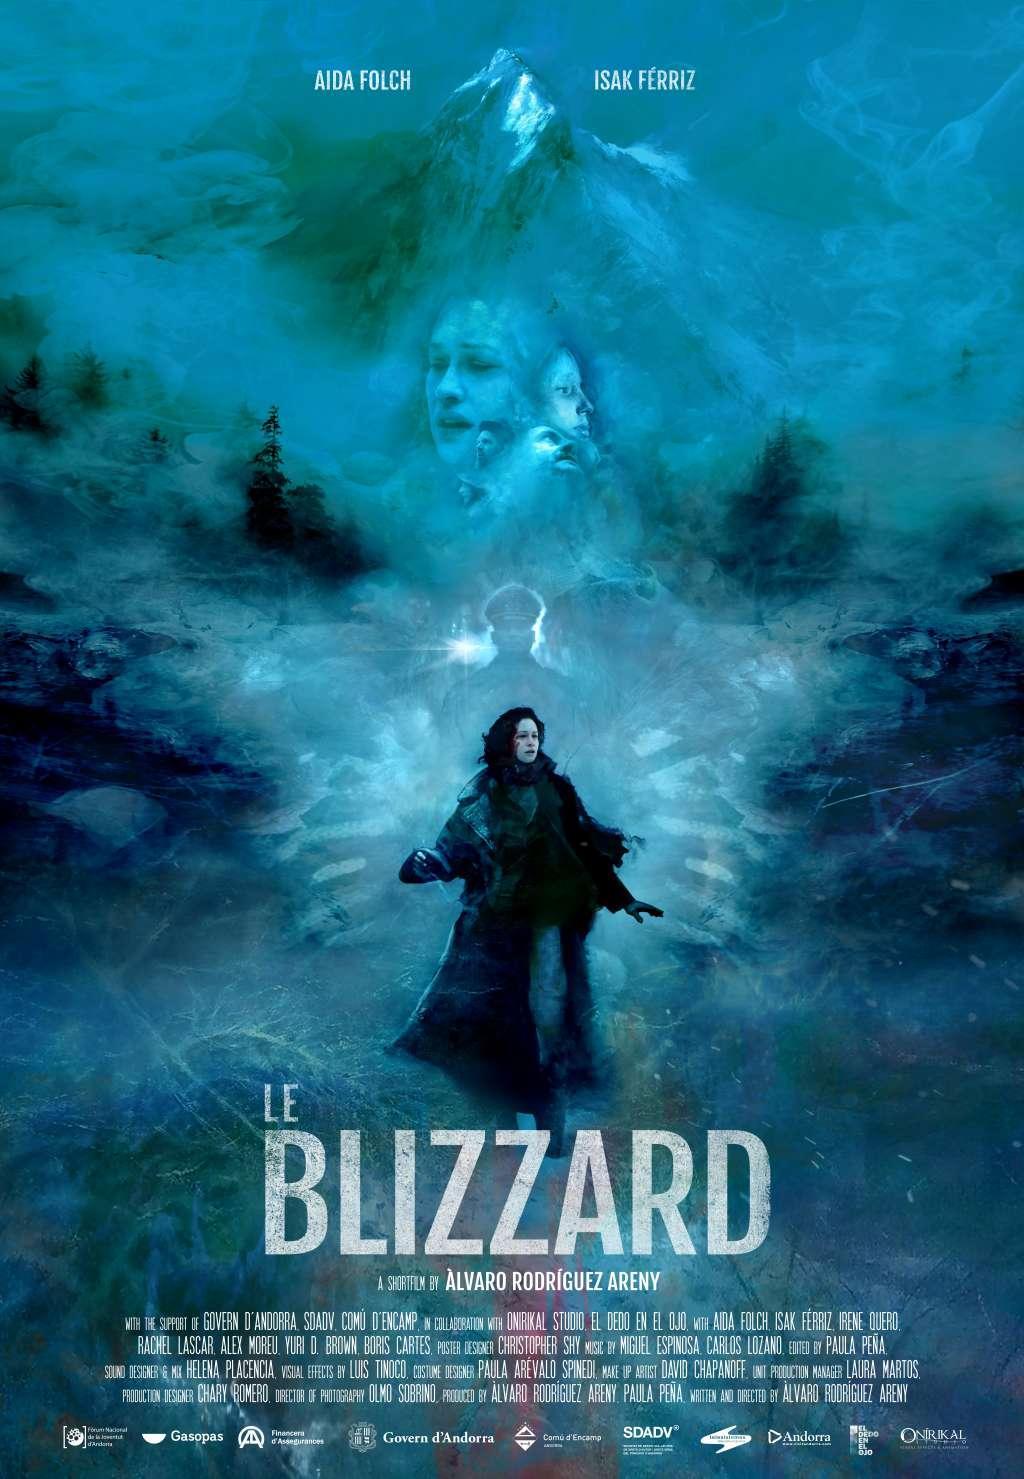 Le Blizzard kapak